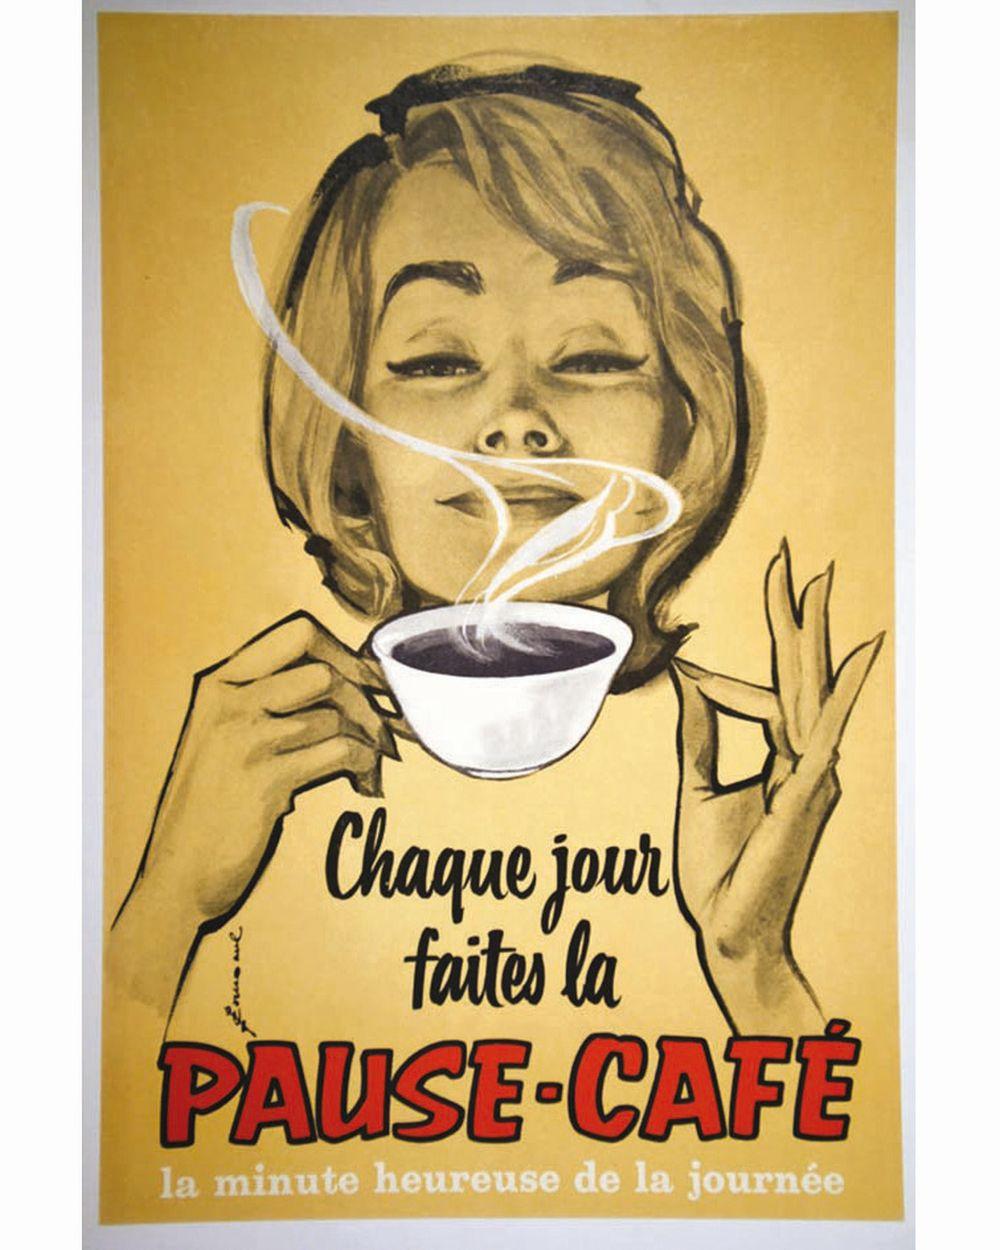 Pause Café Chaque Jour faites la - La minute Heureuse de la Journée     vers 1950